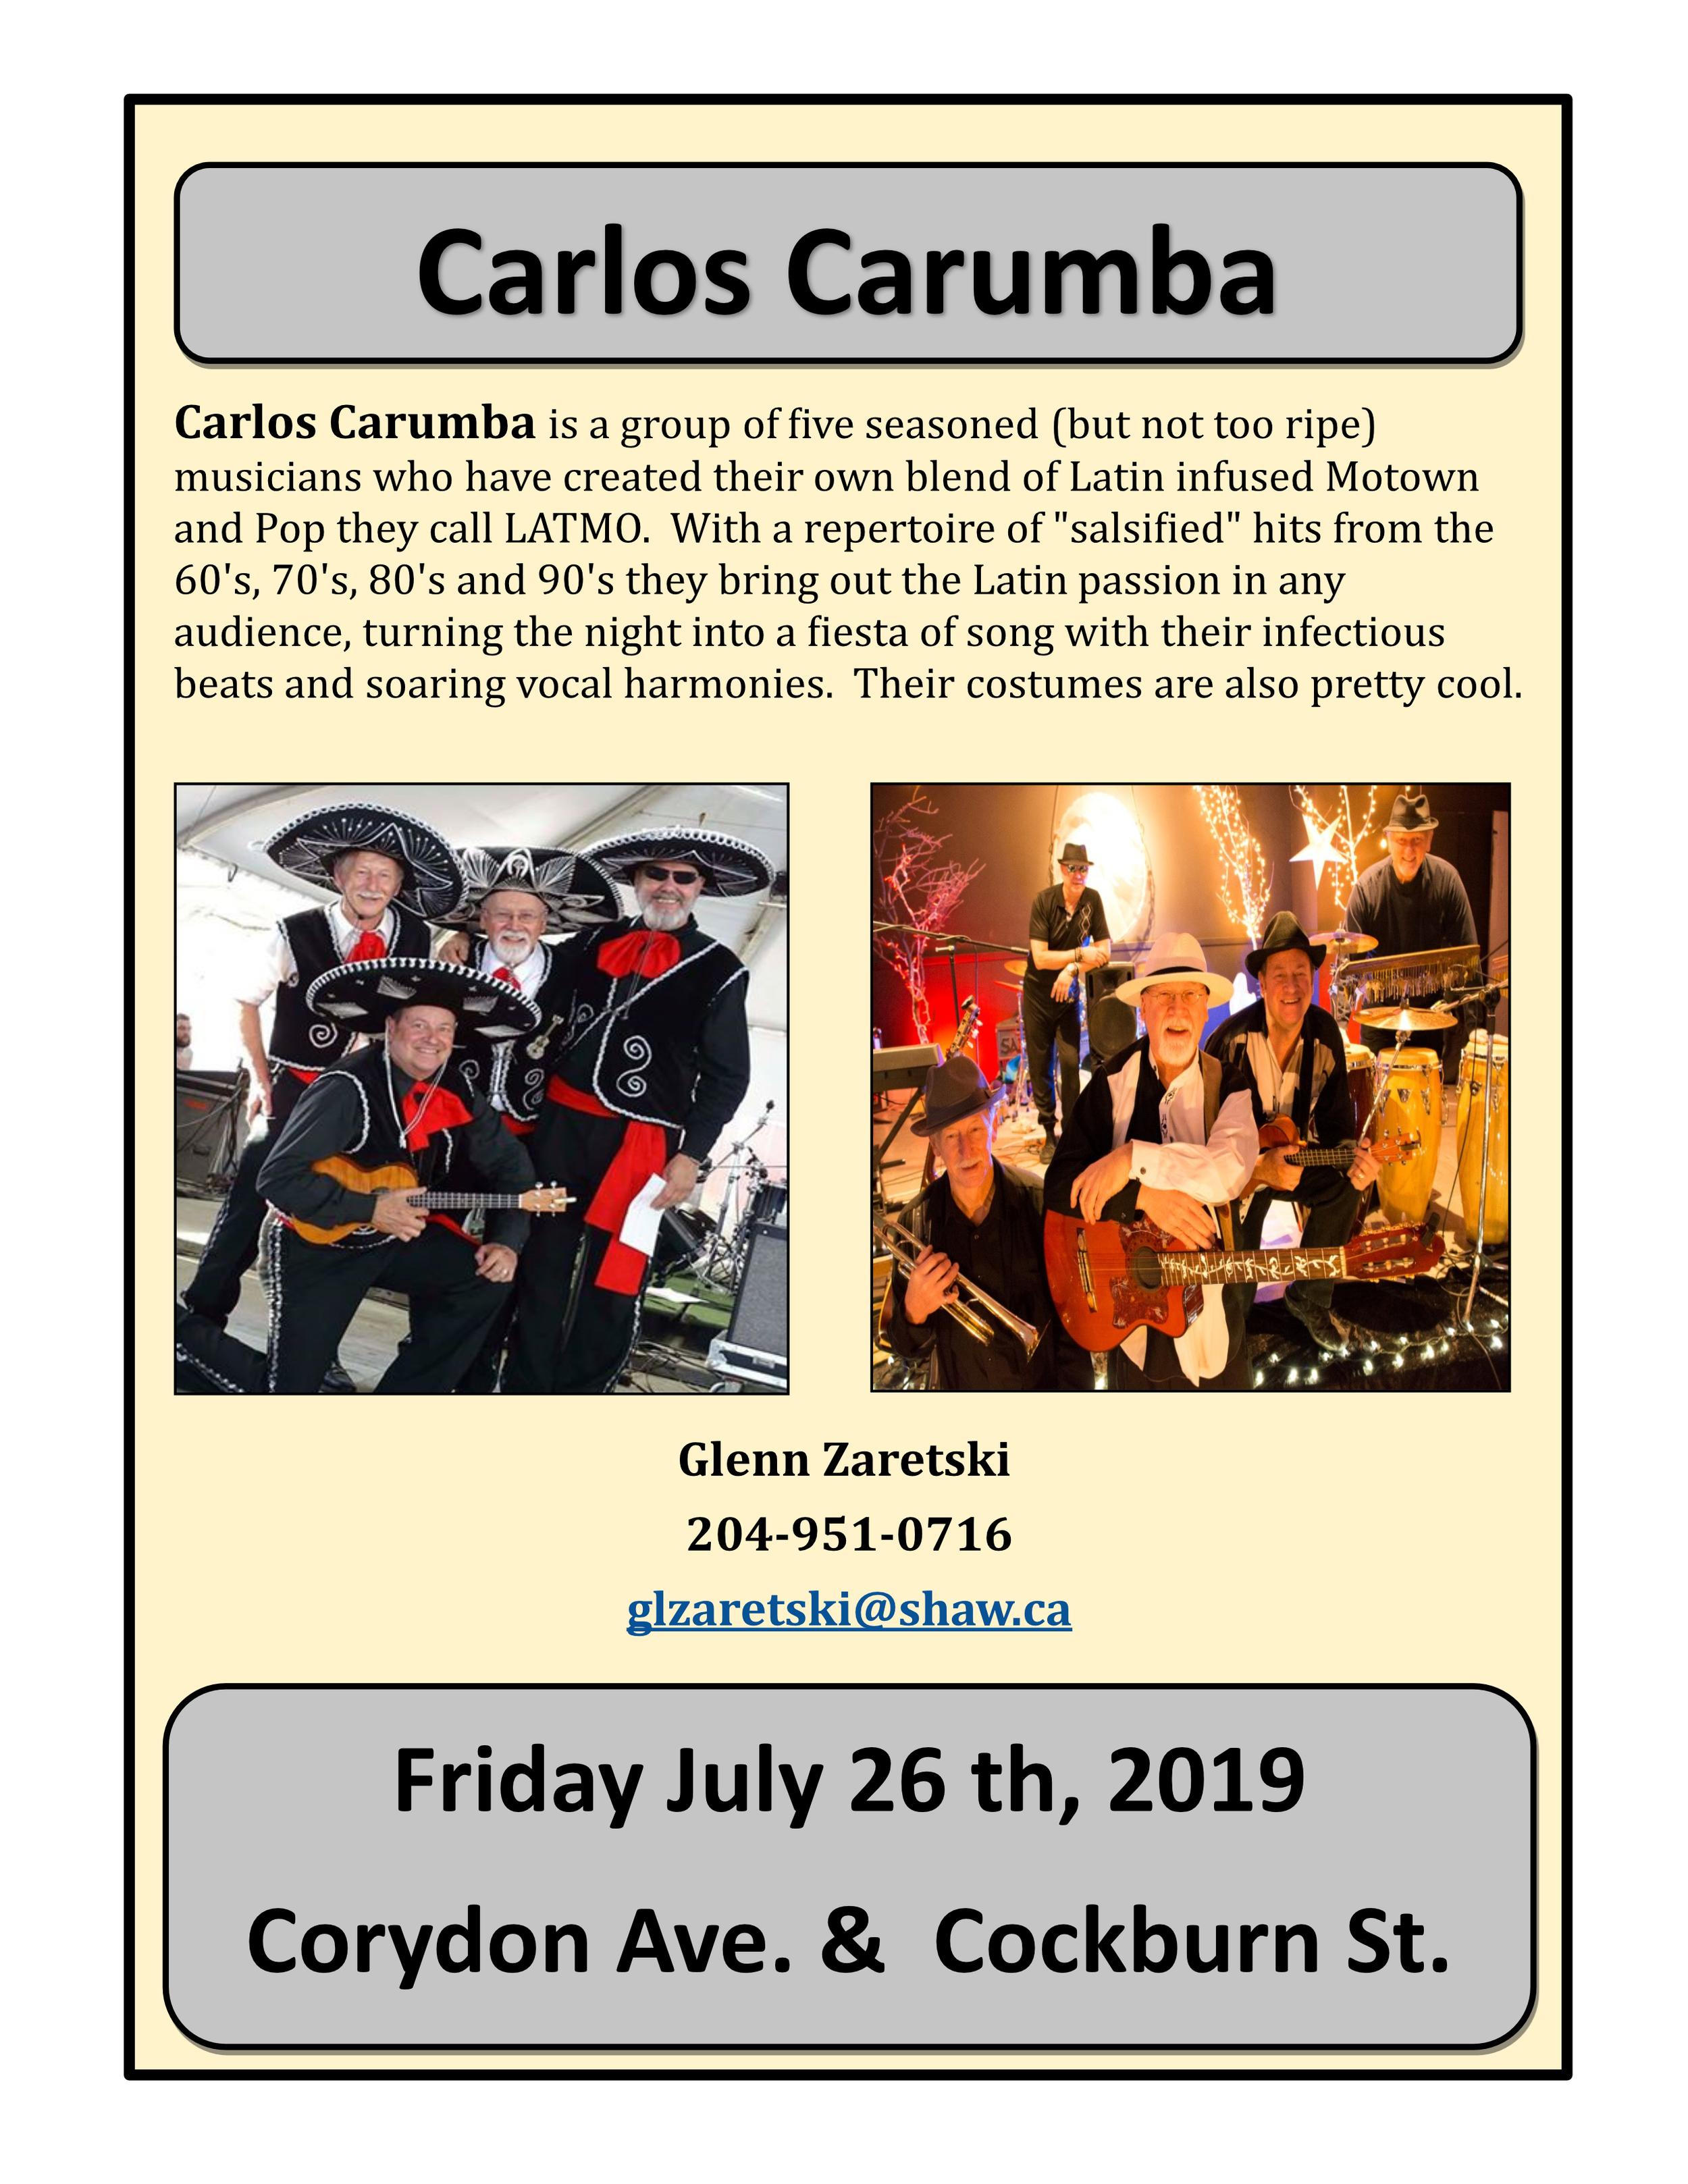 Corydon Concert -  Carlos Carumba Band  (July 26, 2019).png